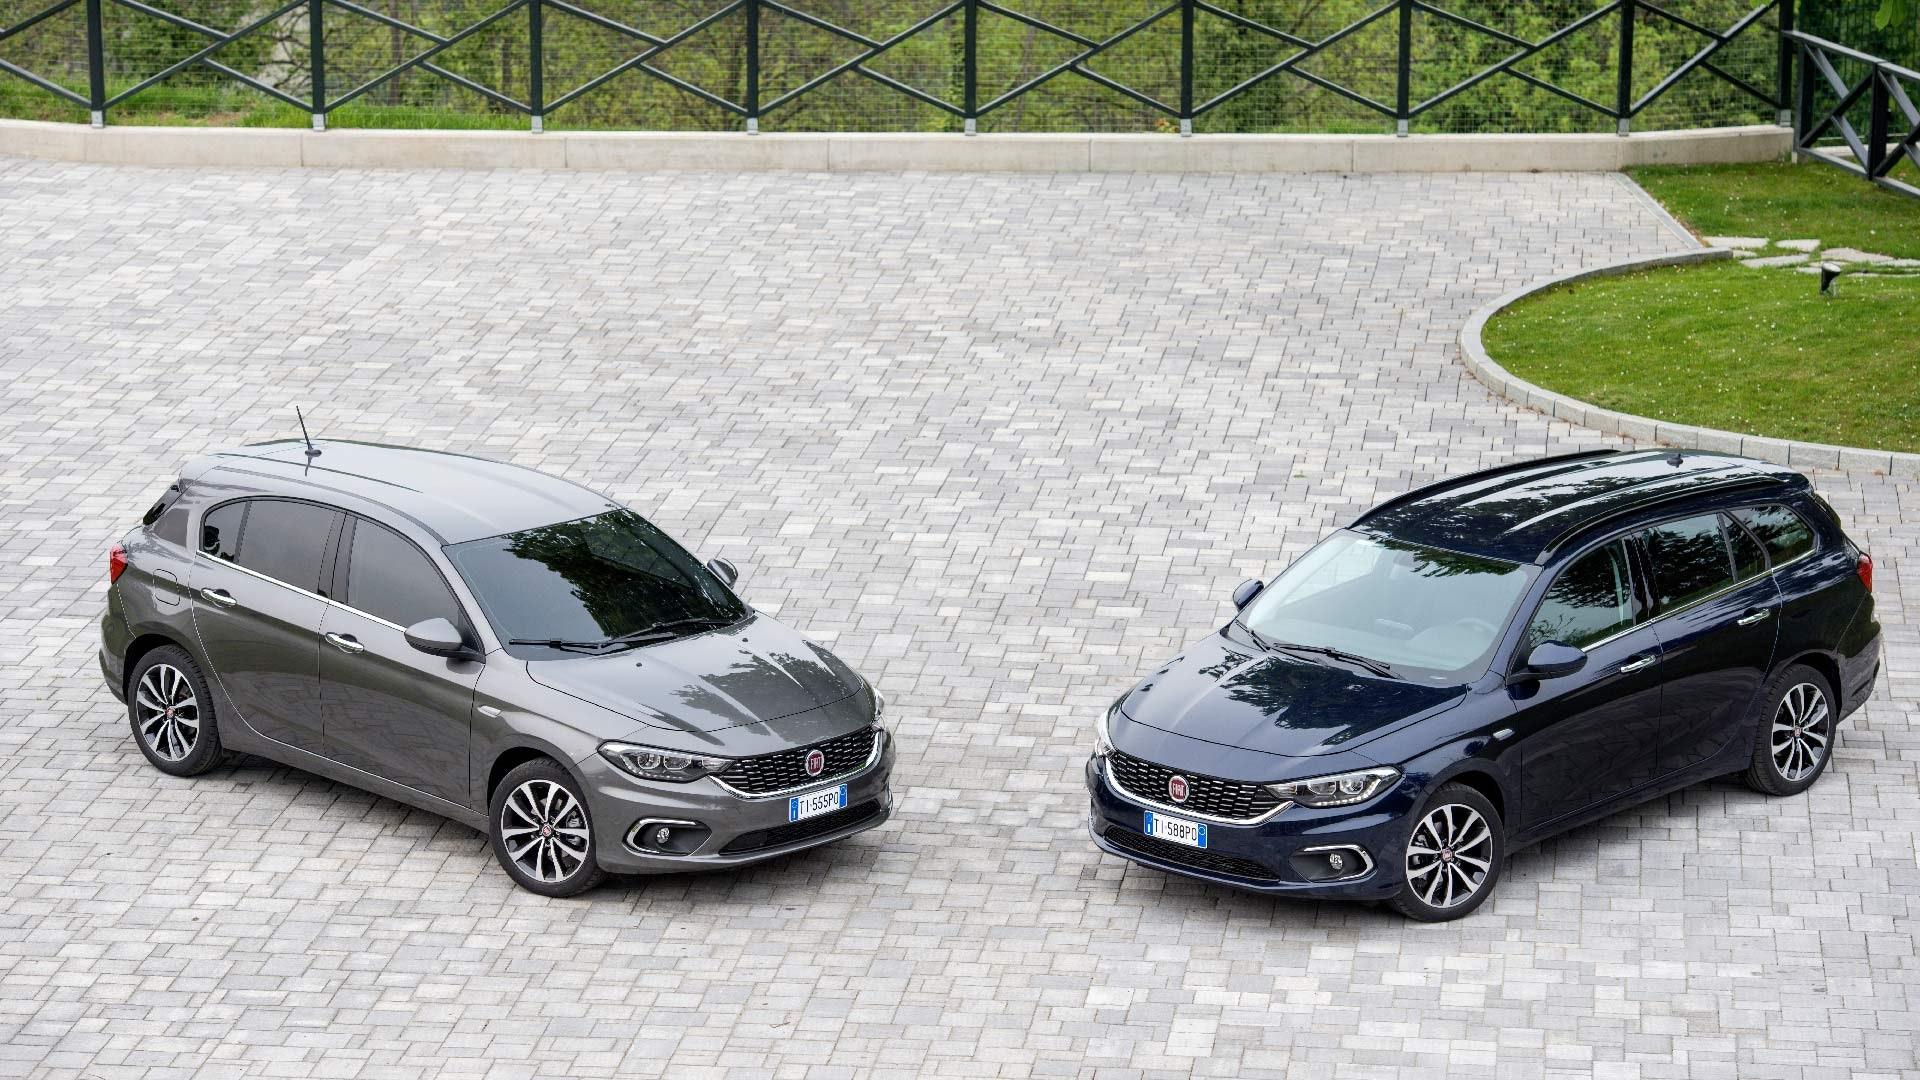 Fiat Tipo begge modeller